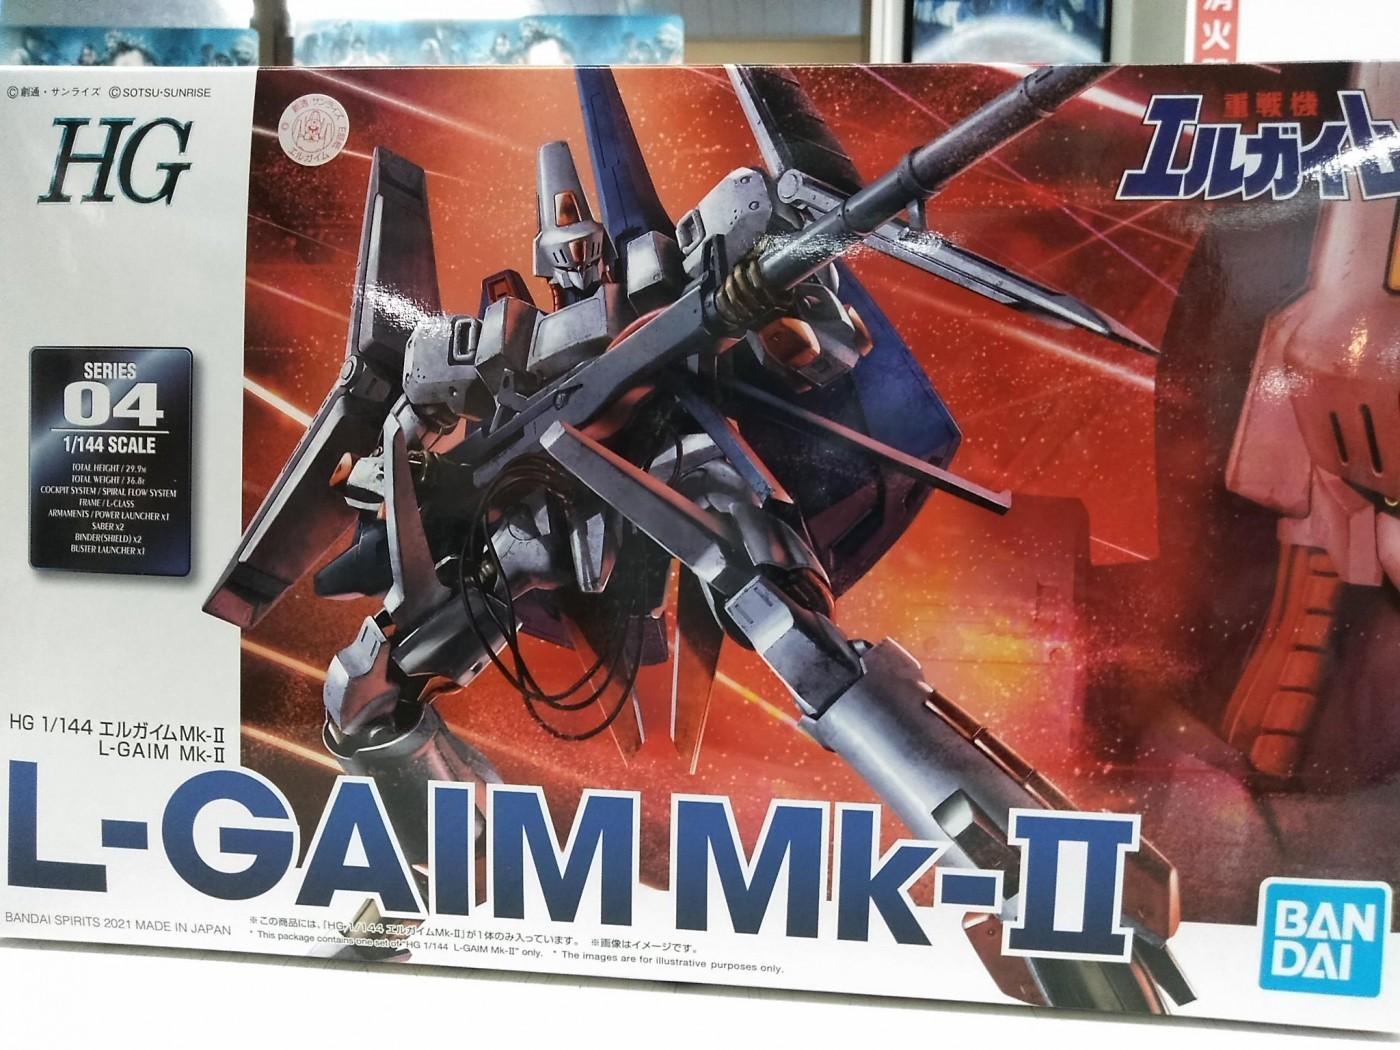 ゼスト所沢店の買取情報!!『バンダイの1/144 HG エルガイムMk-II 「重戦機エルガイム」 プレミアムバンダイ限定』